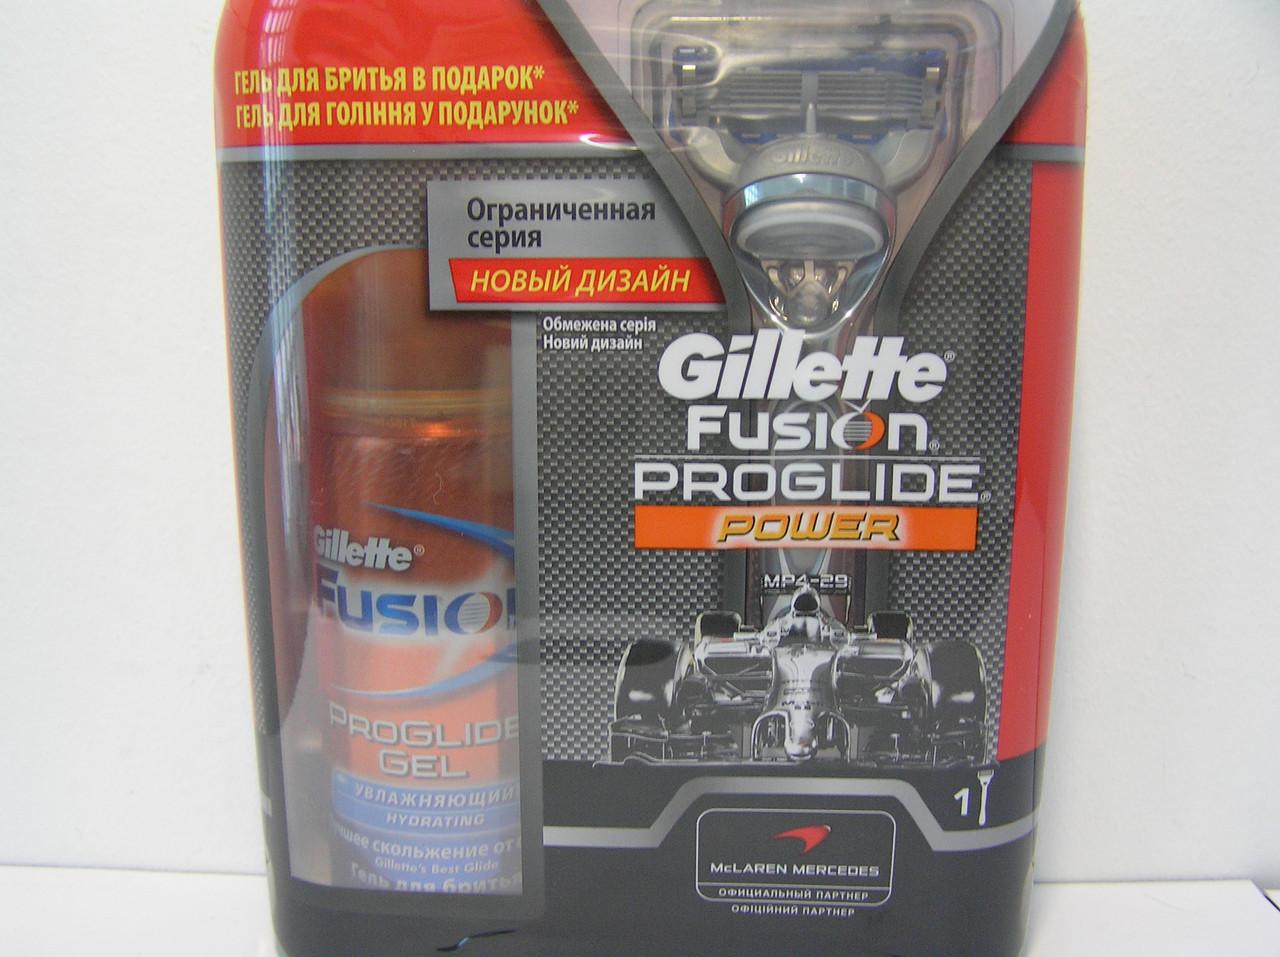 Набор для бритья мужской Gillette Fusion Power Proglide (Станок + 1 кассета + Fusion гель 75 мл.)